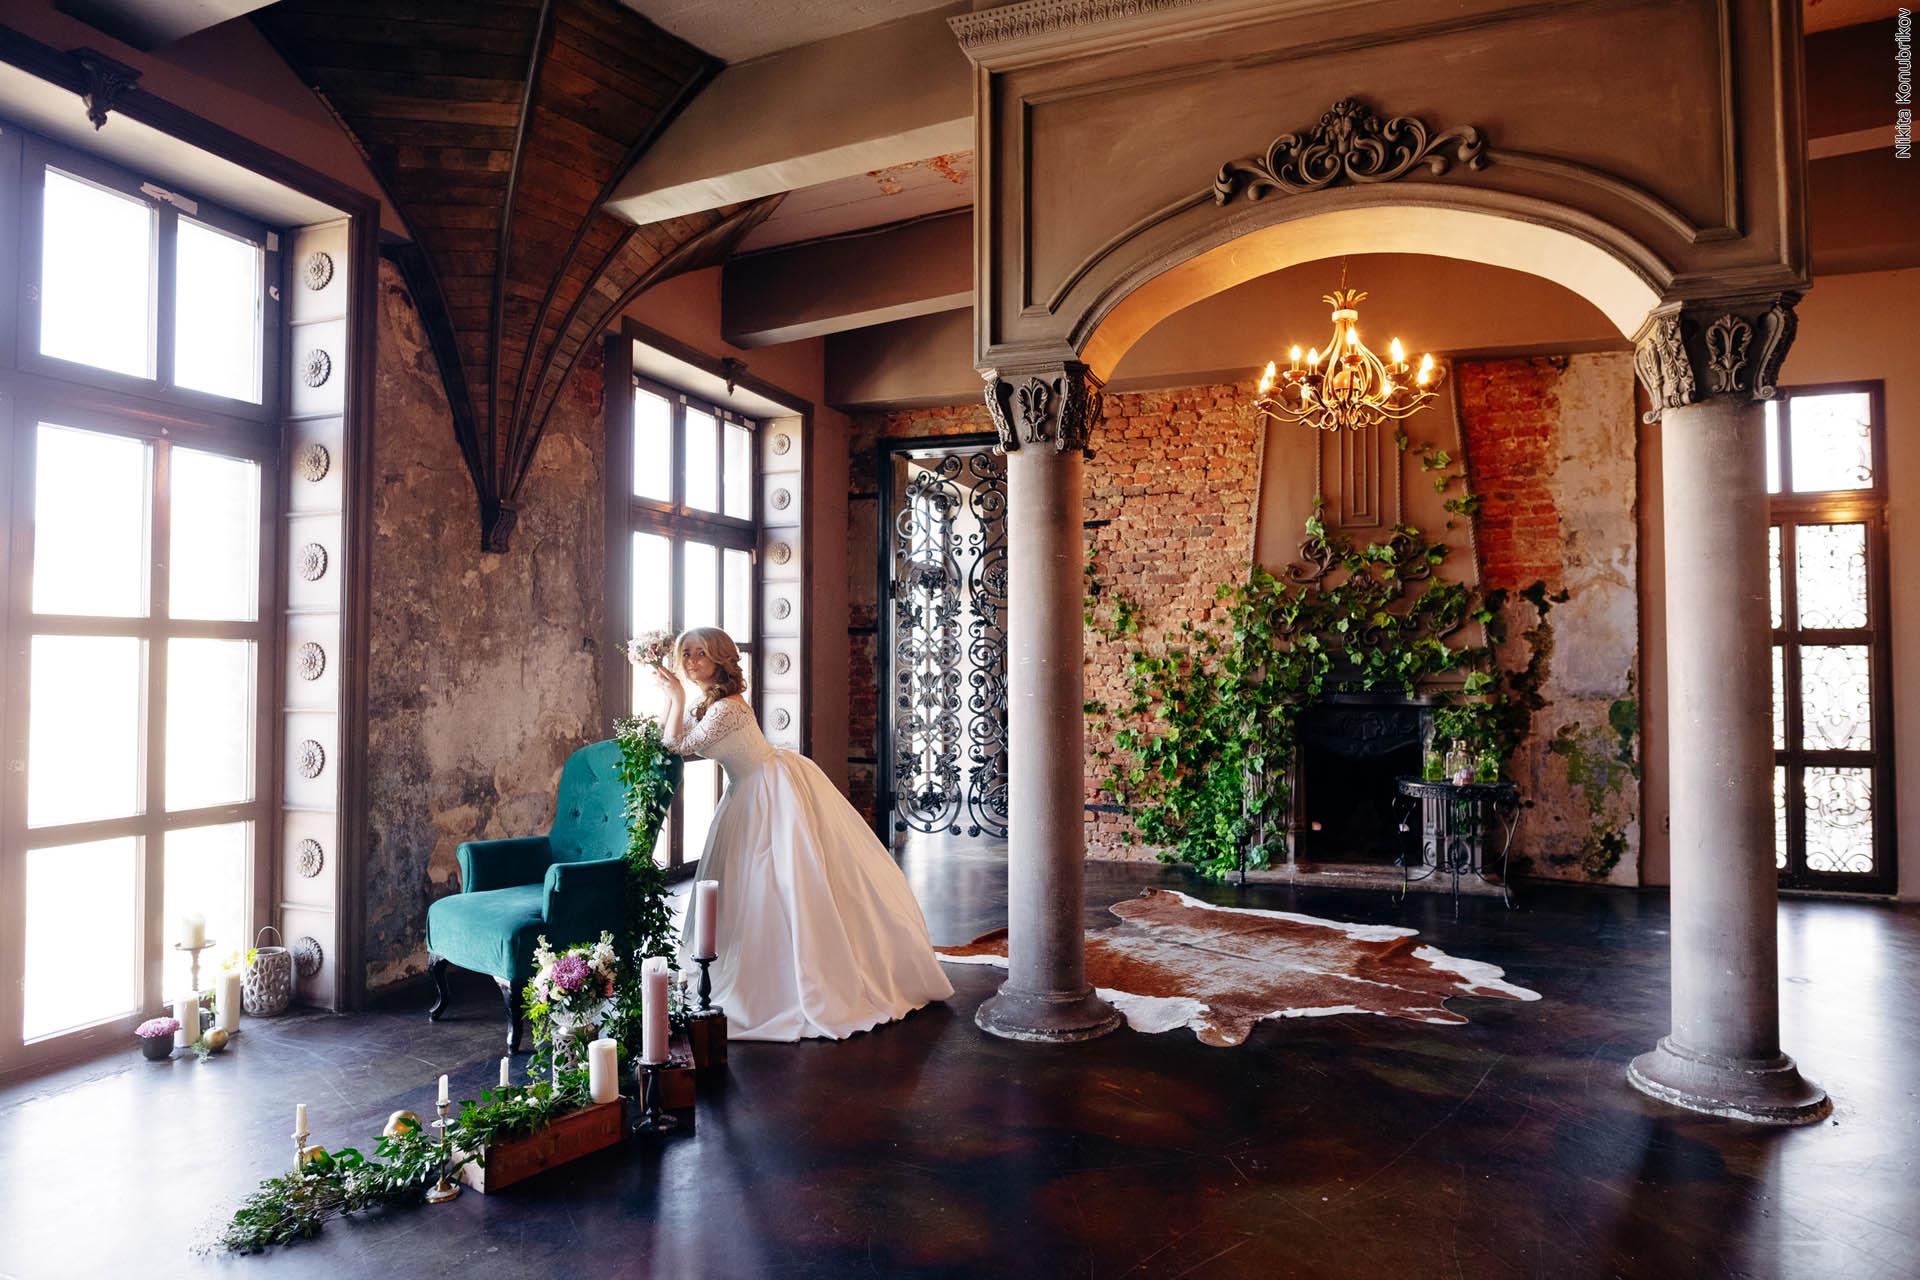 фотостудия для свадебной съемки москва главные компоненты